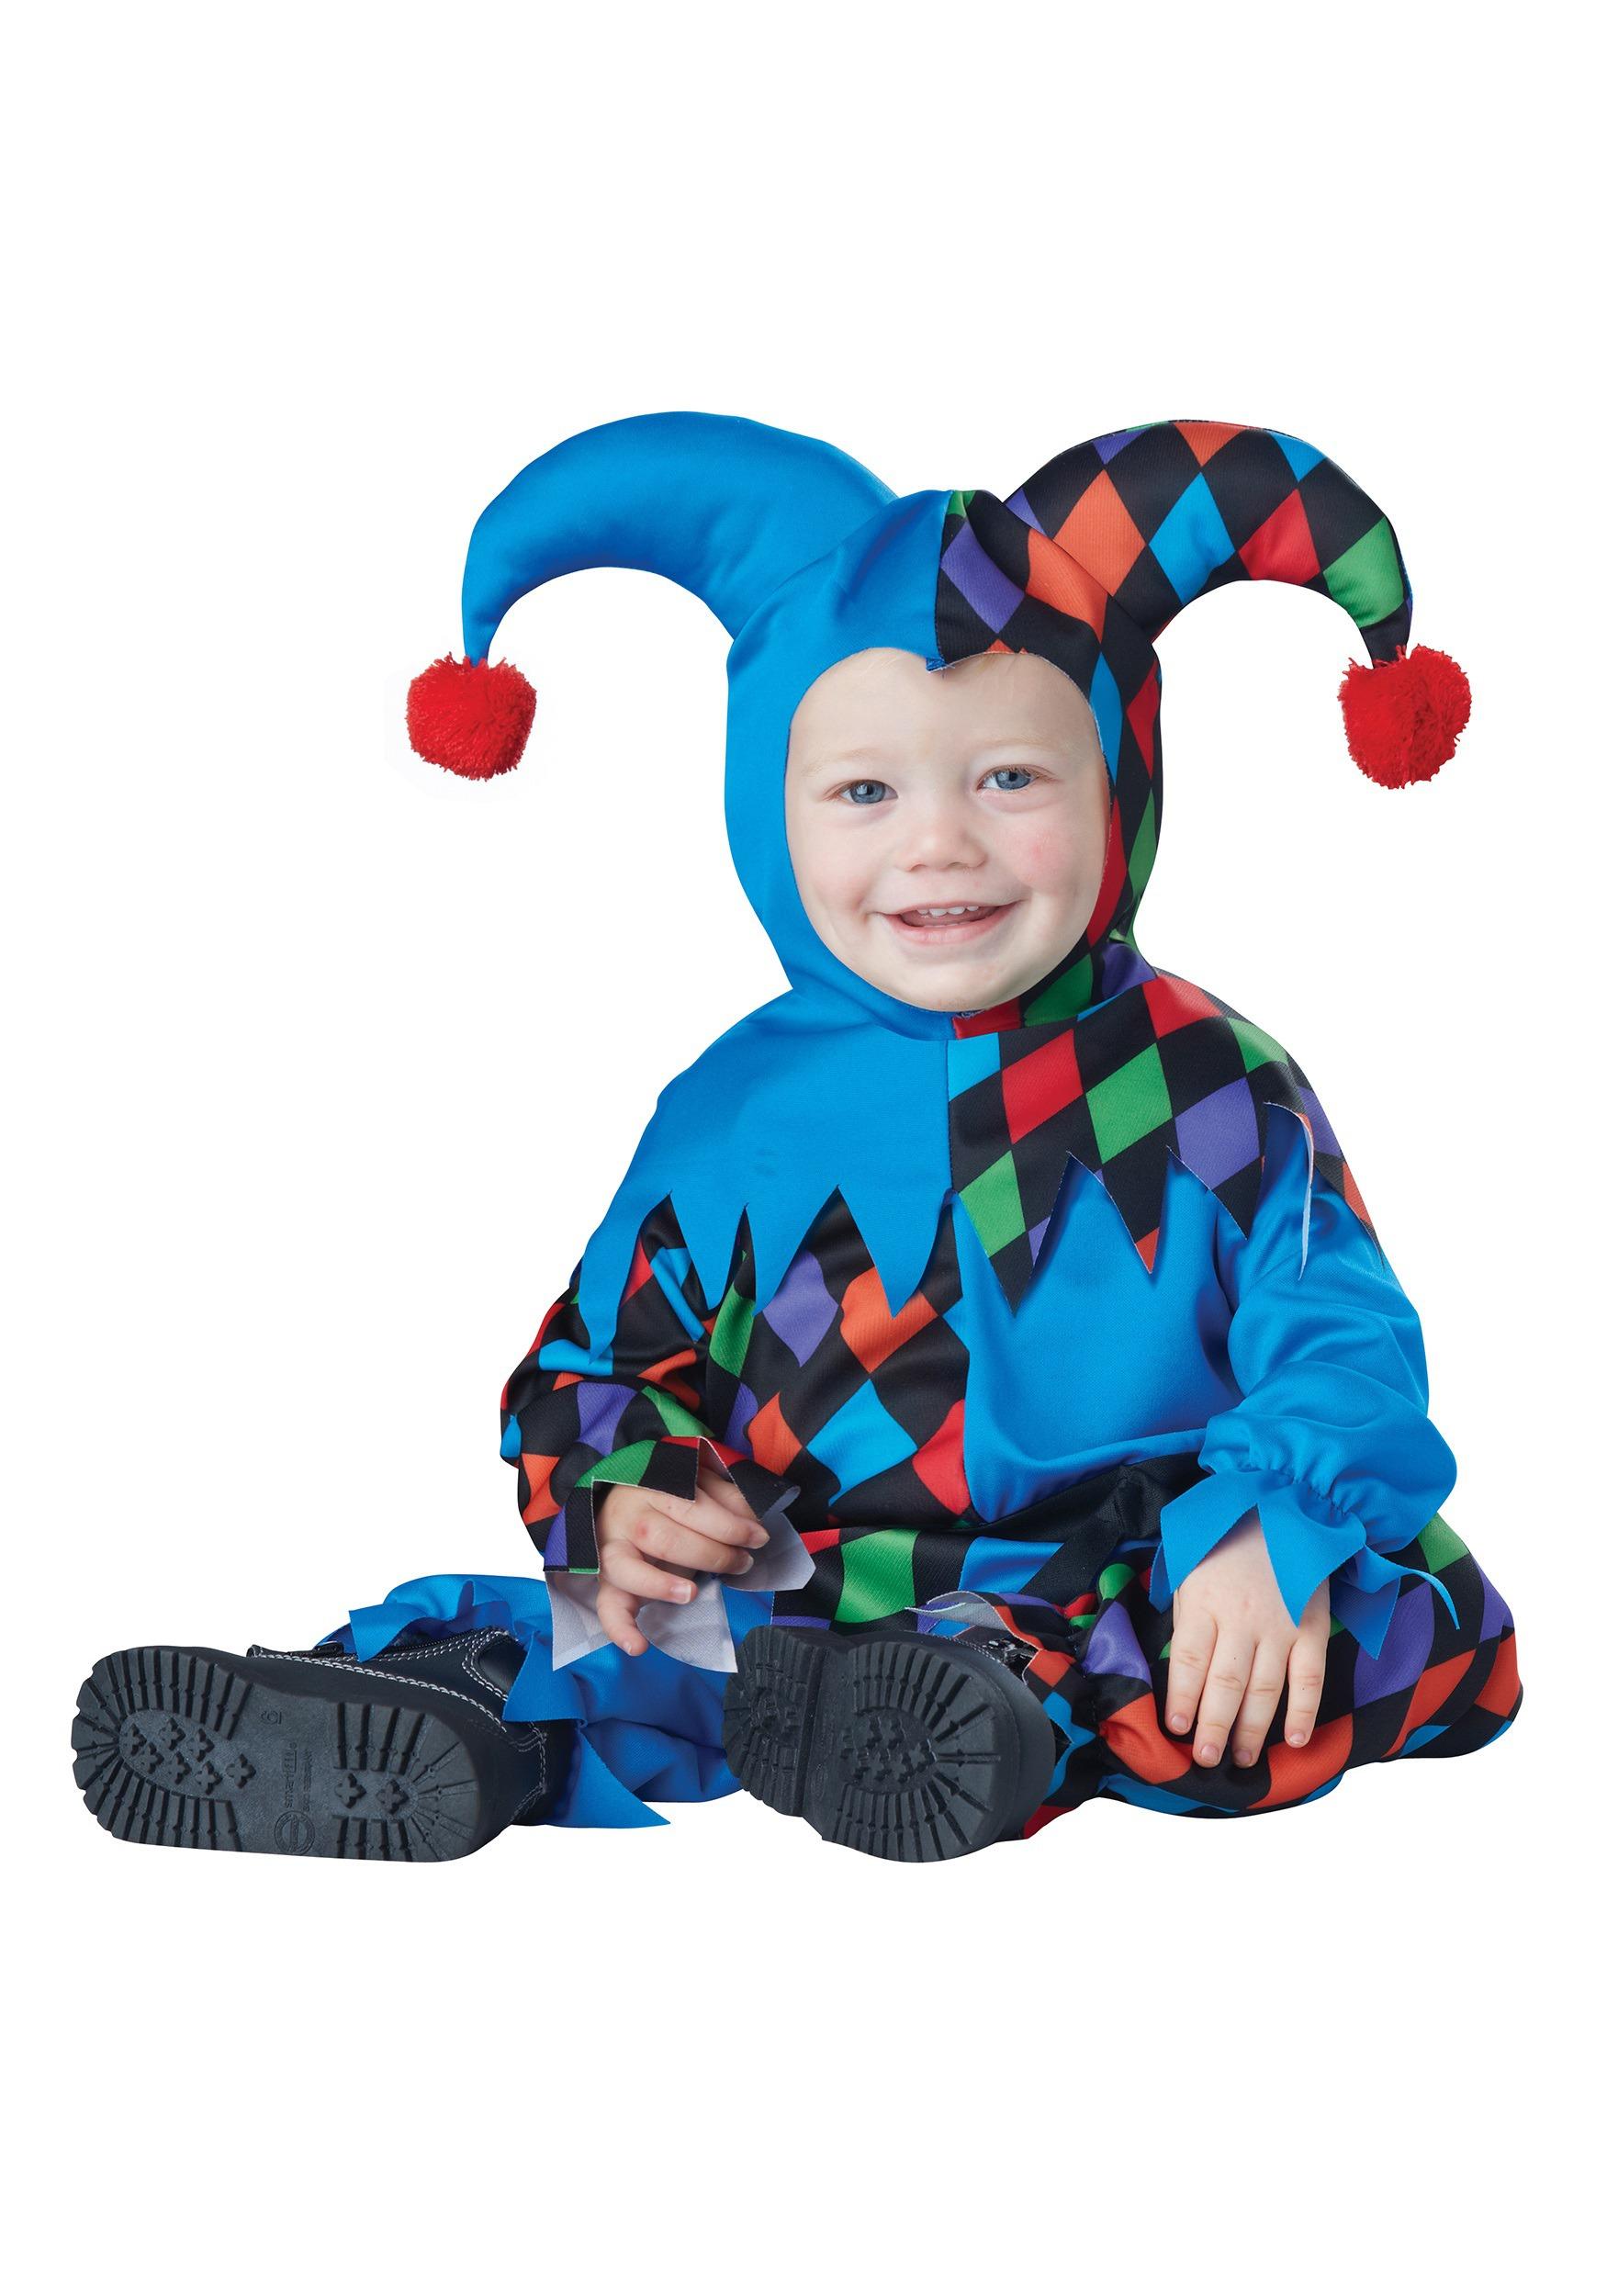 Child Renaissance Costumes - Children's Renaissance Costume